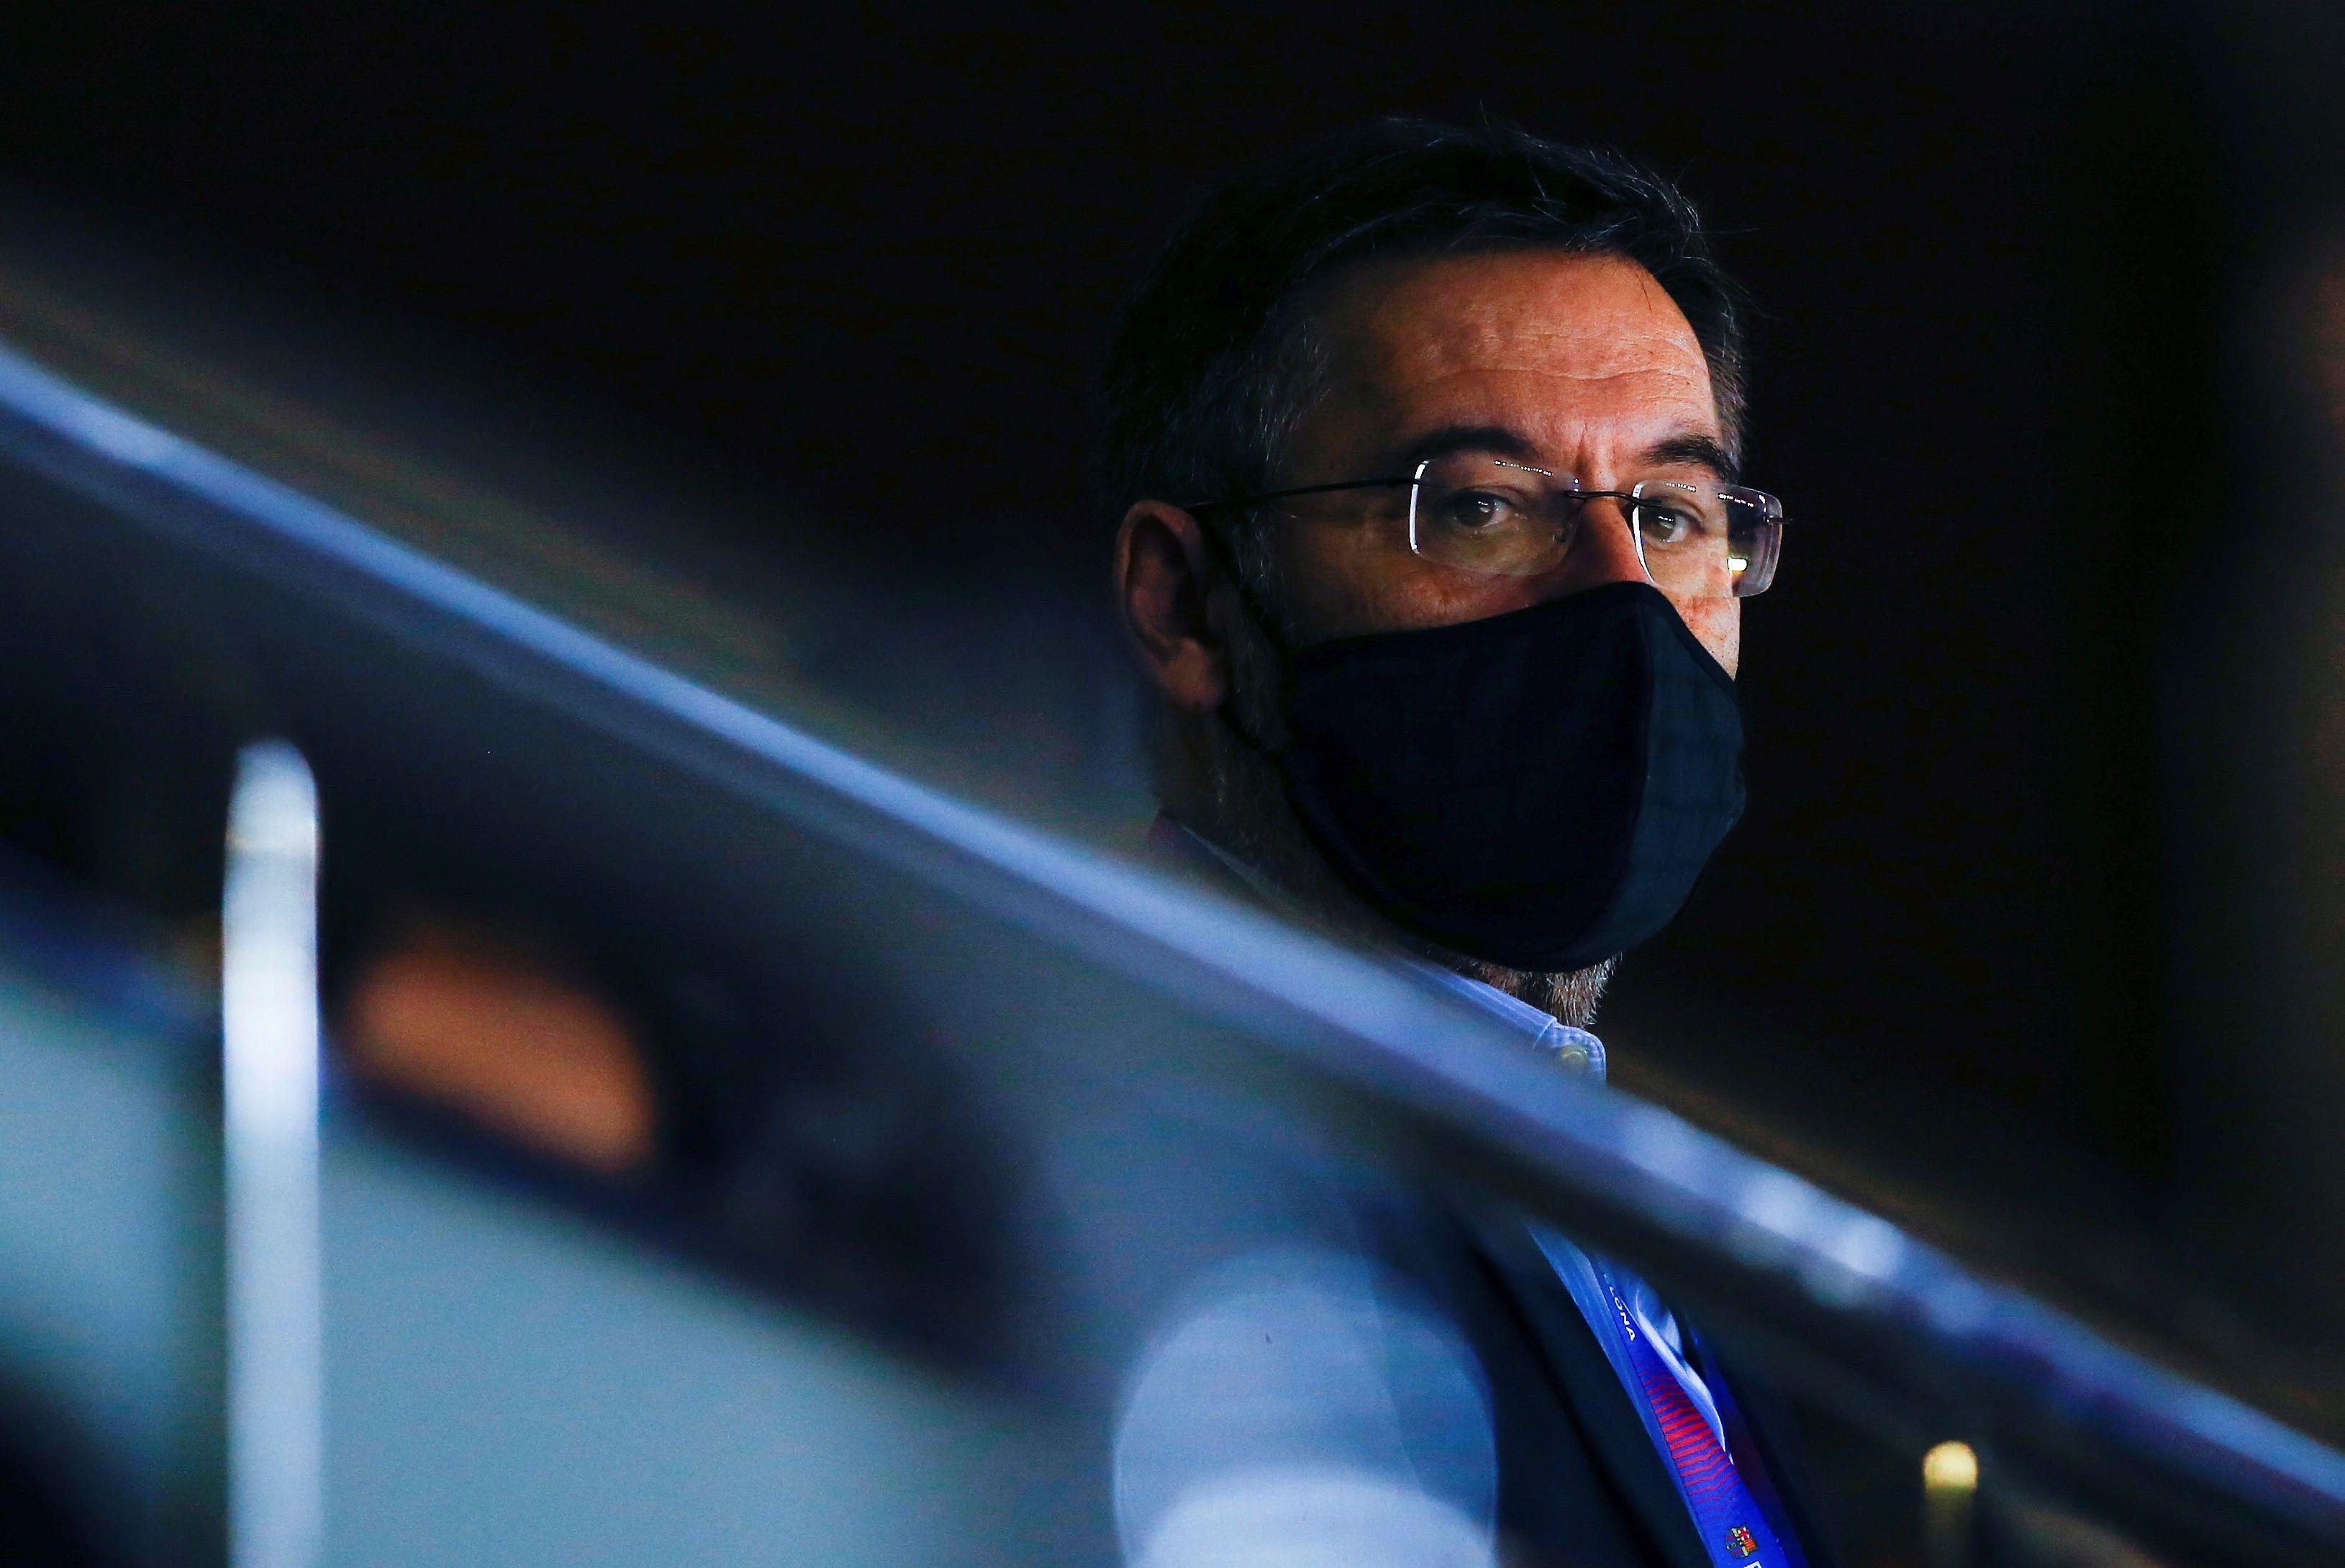 Jordi Mestre fue el vicepresidente del club en la reciente presidencia de Josep Maria Bartomeu